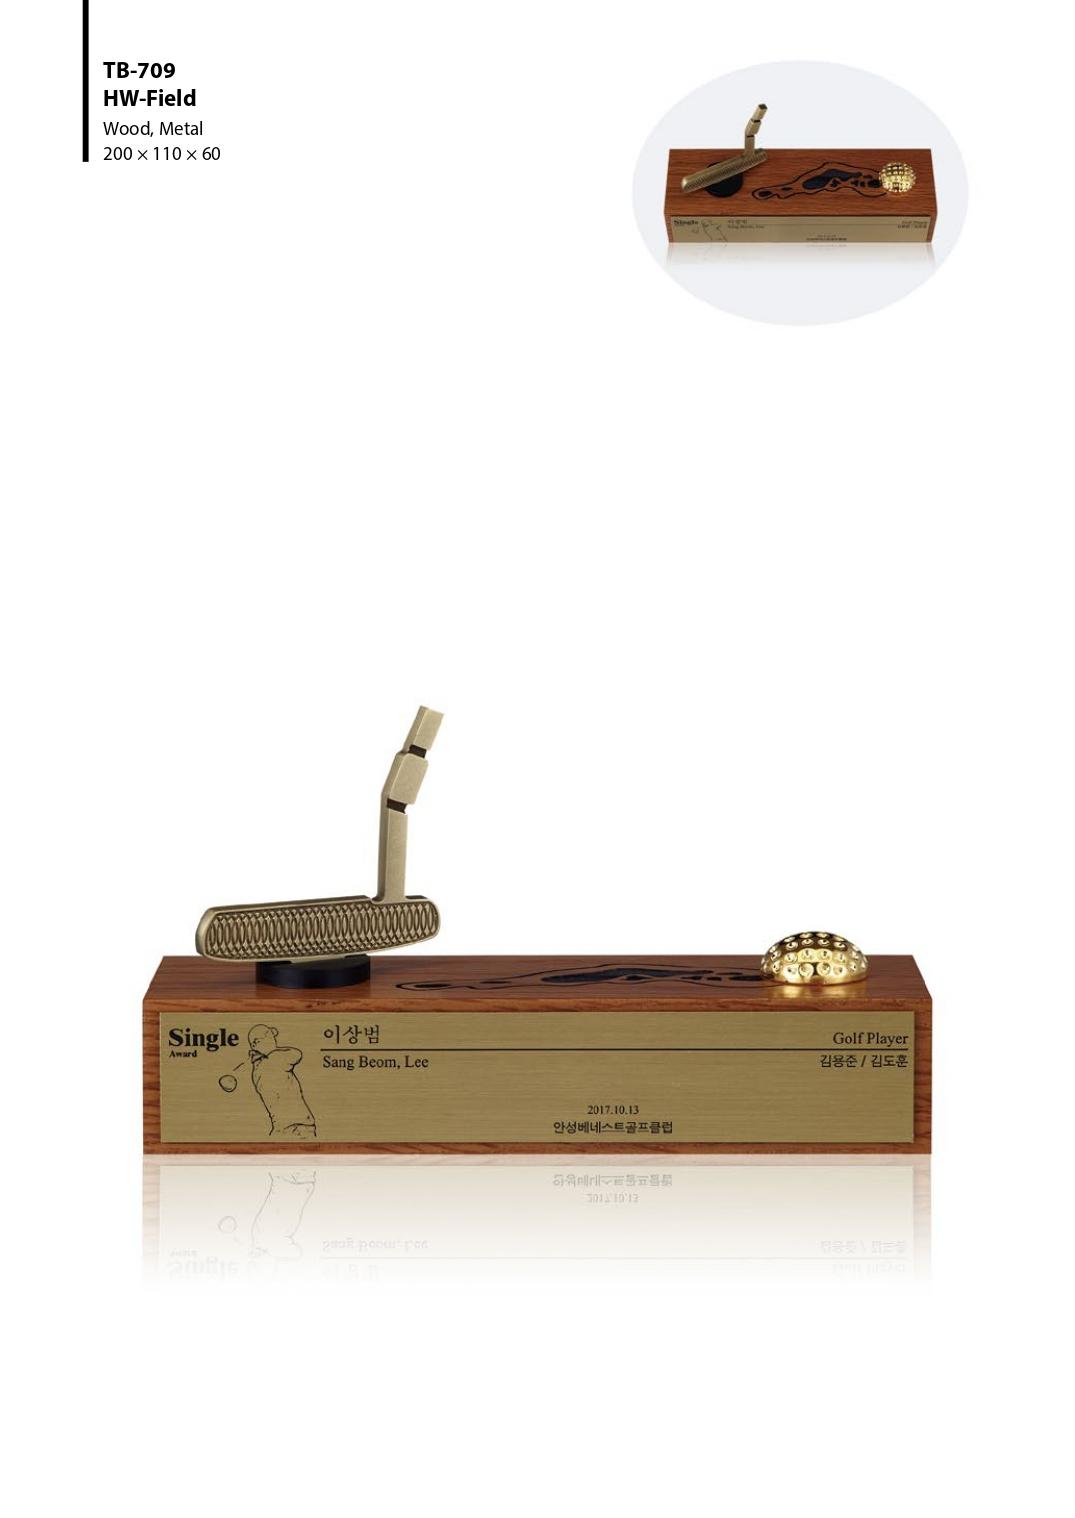 KLPK45009 미니골프트로피 홀인원패 싱글패 이글패 상패 트로피 판촉물 제작 케이엘피코리아